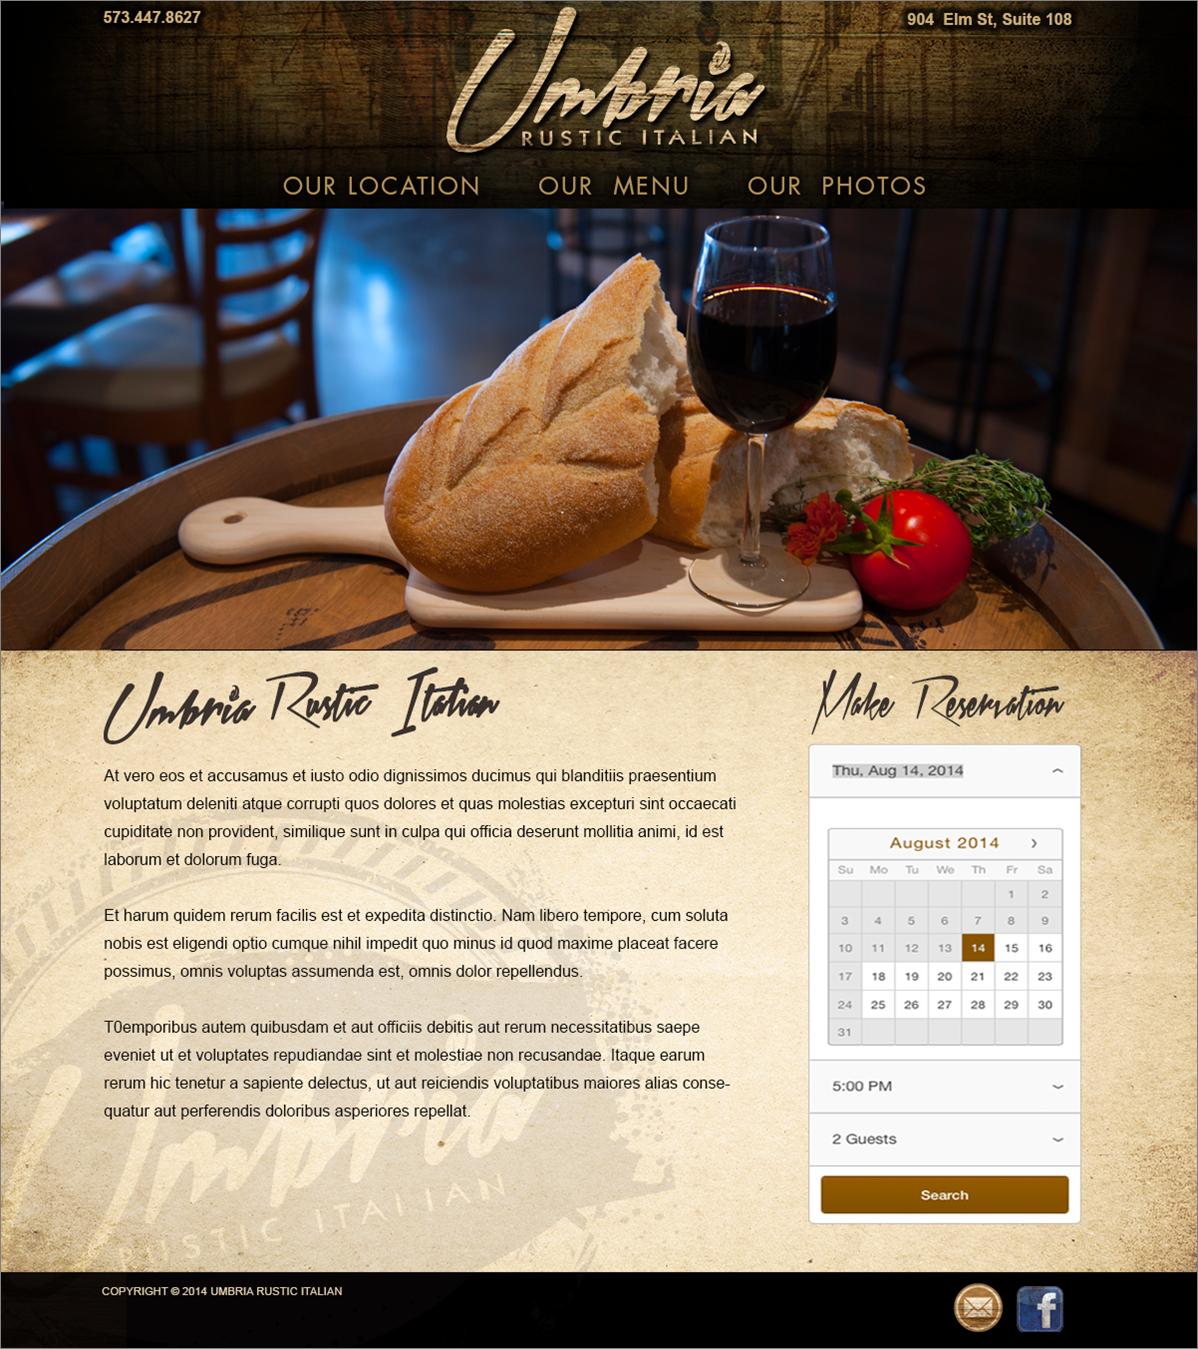 Homepage concept for Umbria Rustic Italian restaurant in Columbia, Missouri.